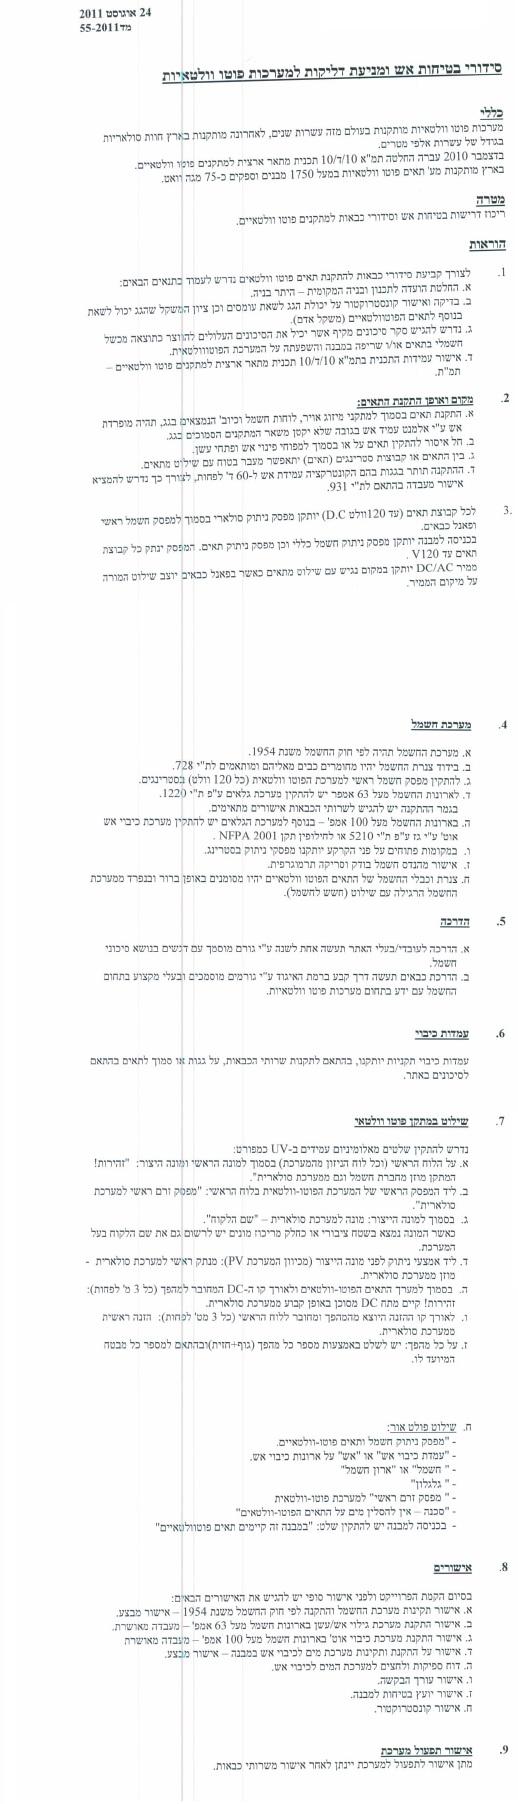 מכתב ההמלצות לוועדה הבוחנת את נושא תקנות האש במדינת ישראל